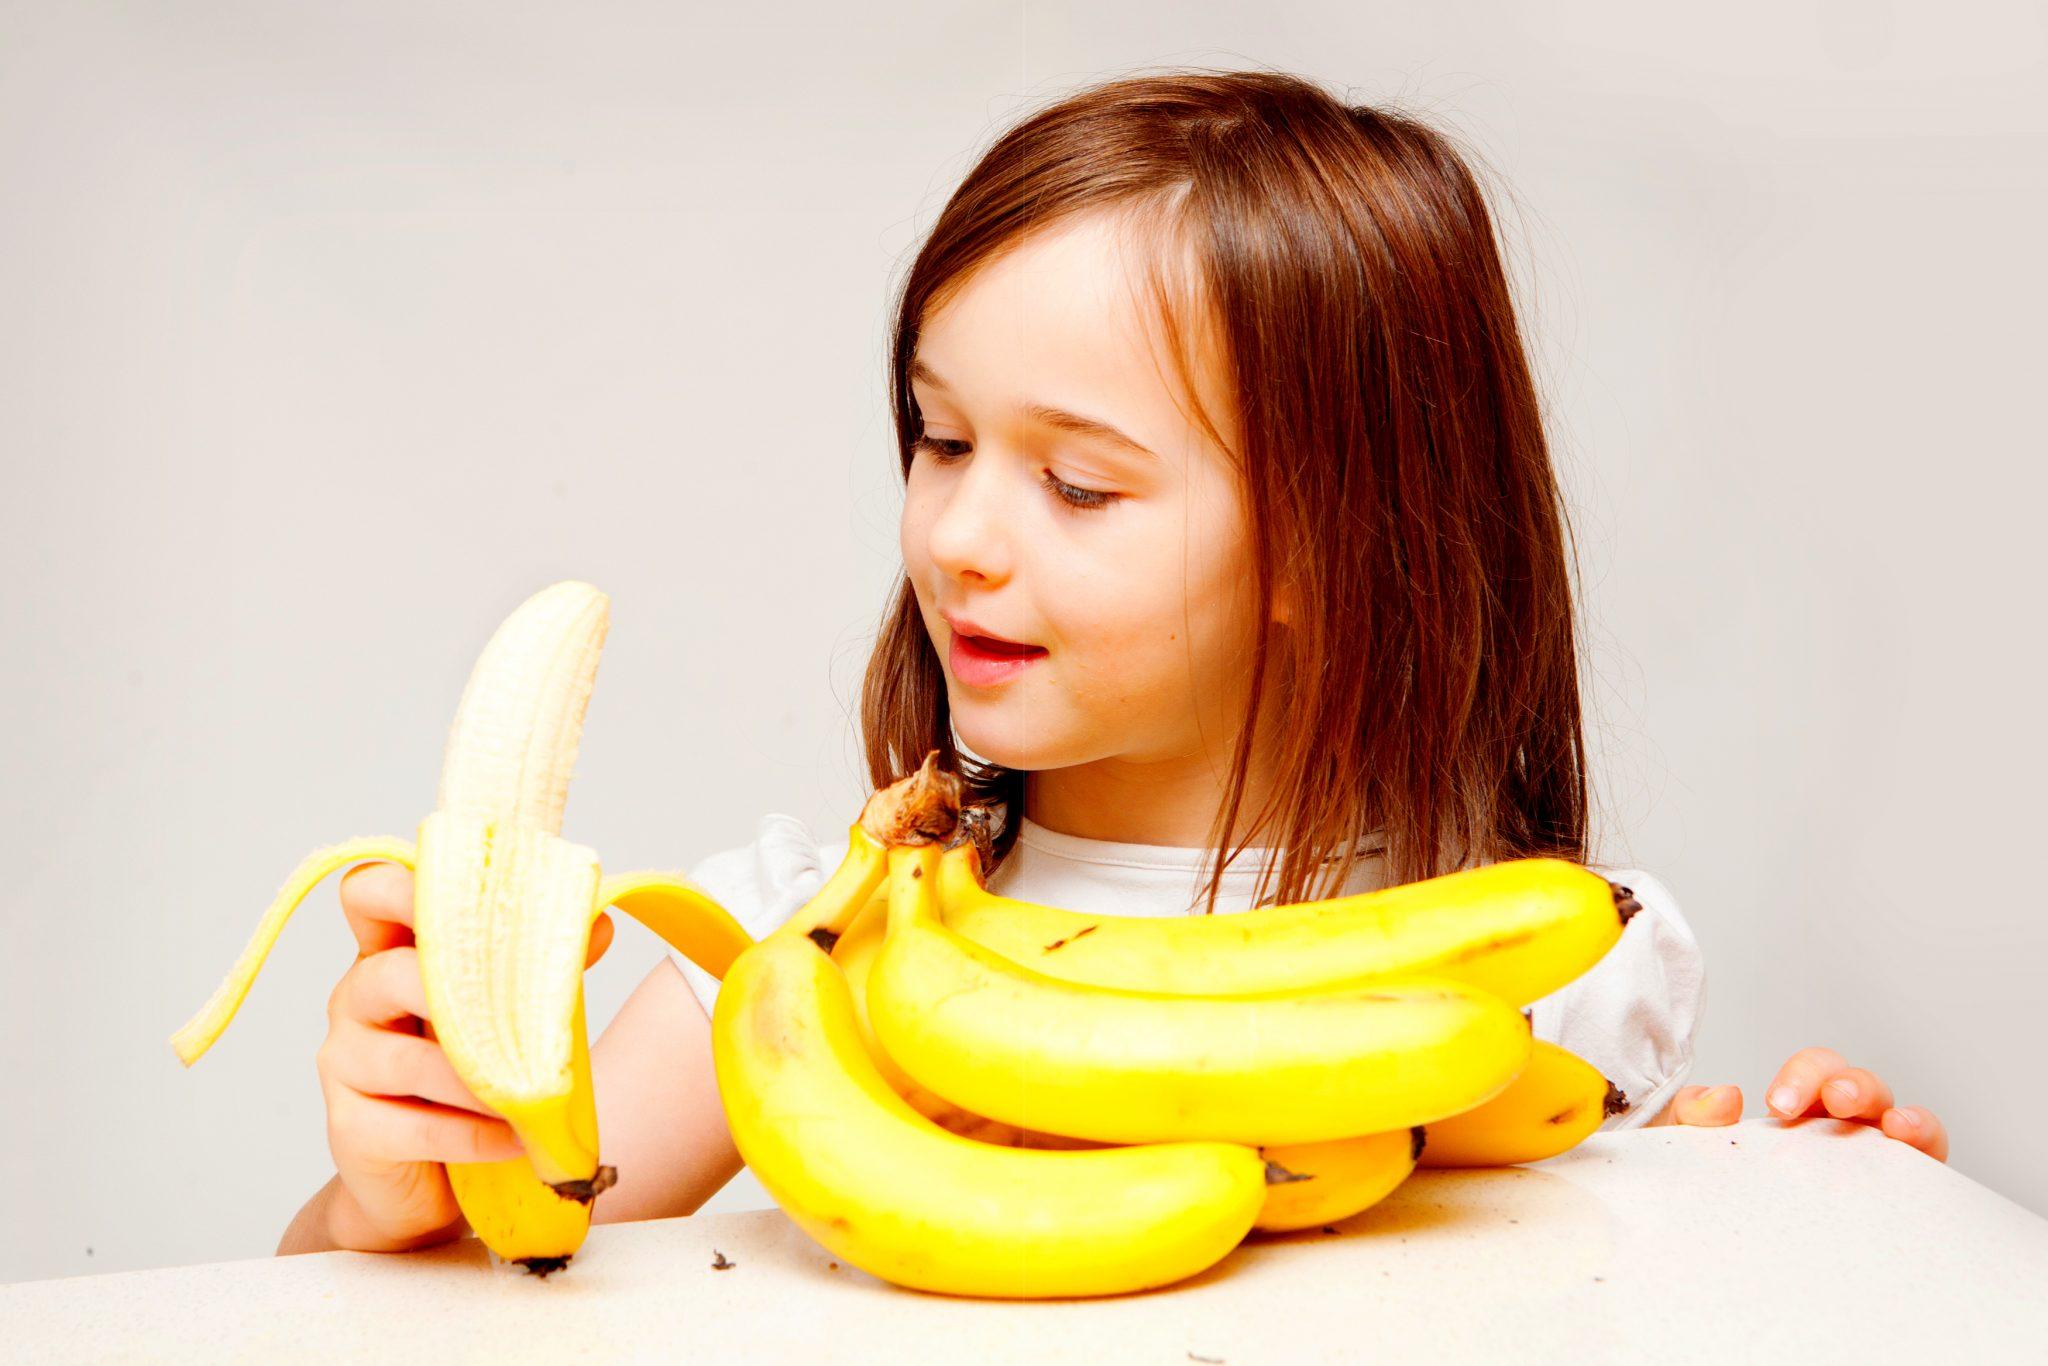 バナナを持った幸せそうな女の子